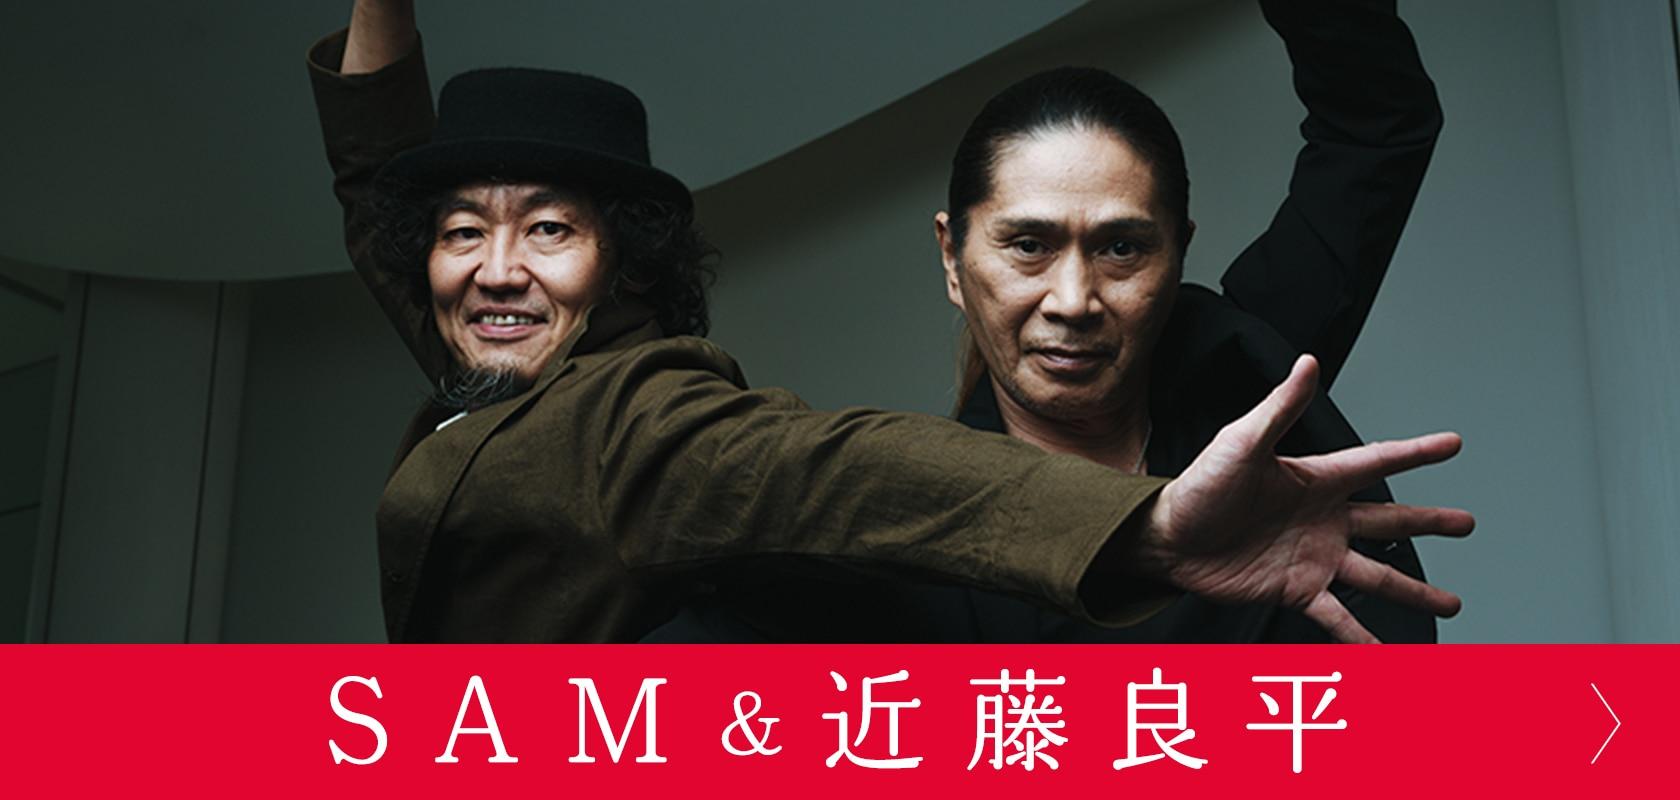 SAM&近藤良平